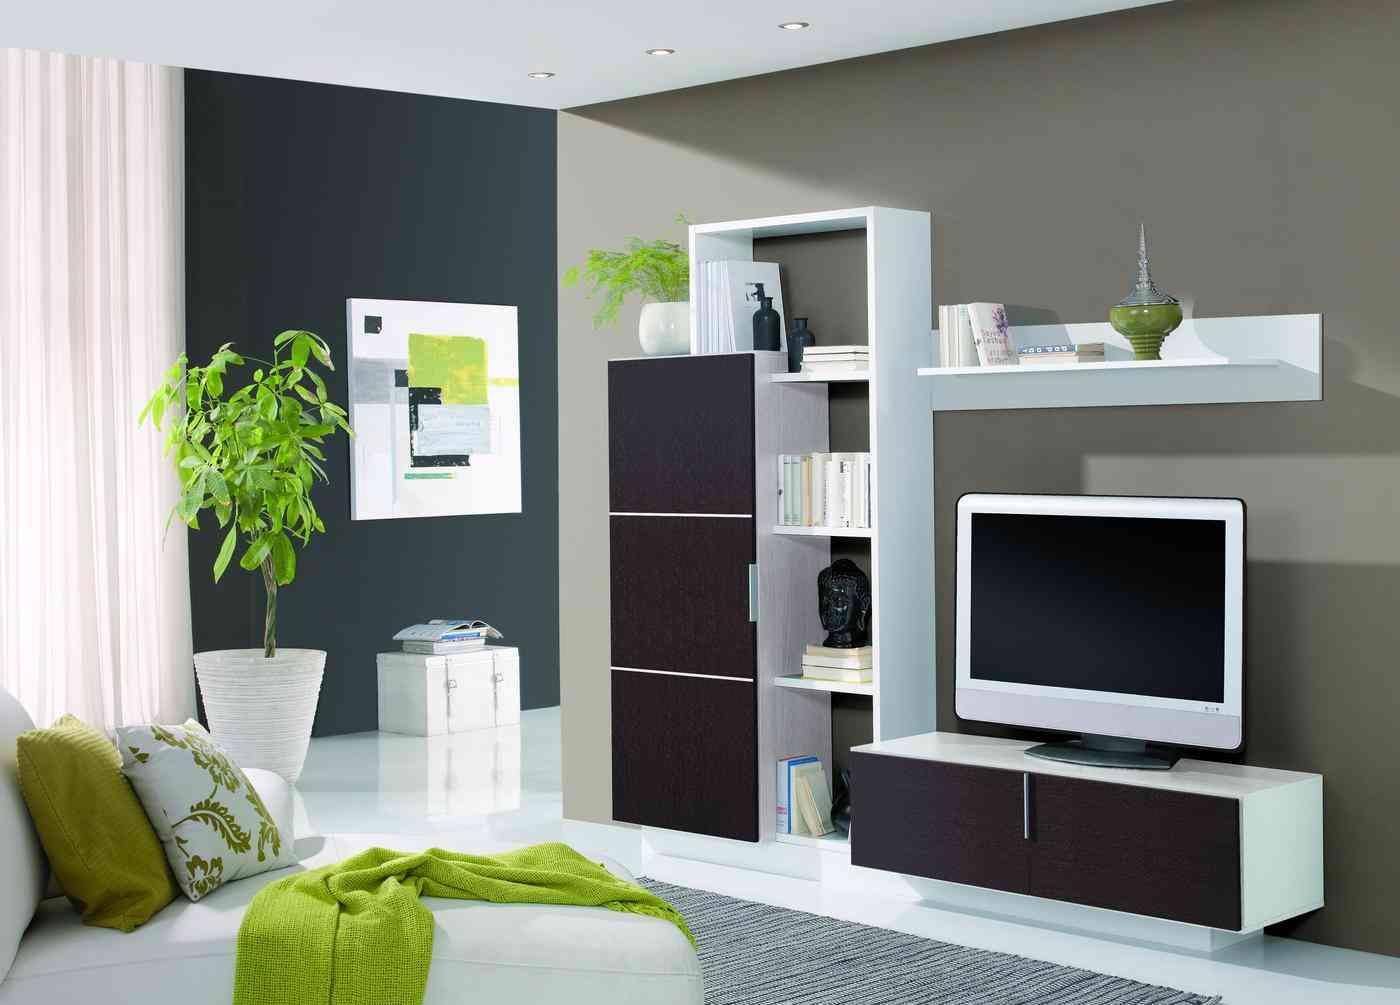 Consejos de color para tu decoraci n - Combinacion de colores para salones ...